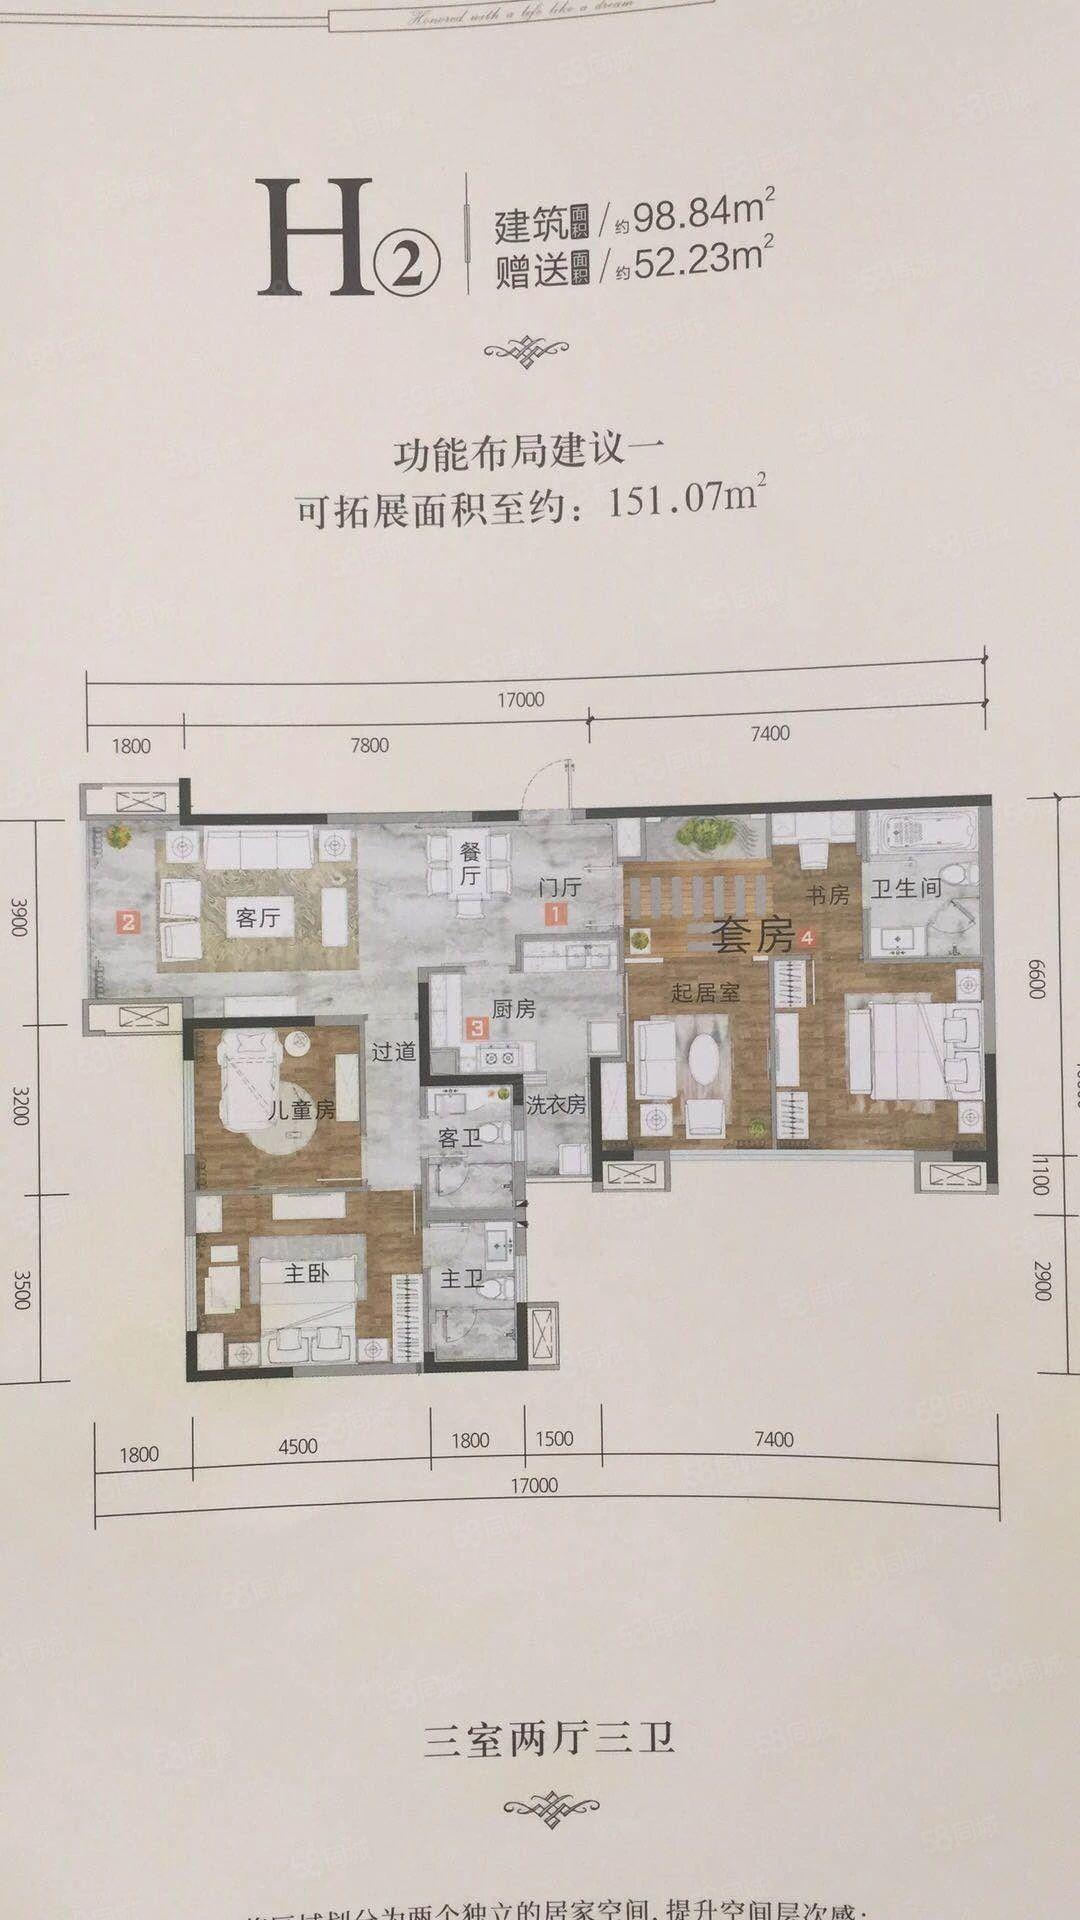 金桥仁湖花园超大平台使用面积300一手程序首付3层